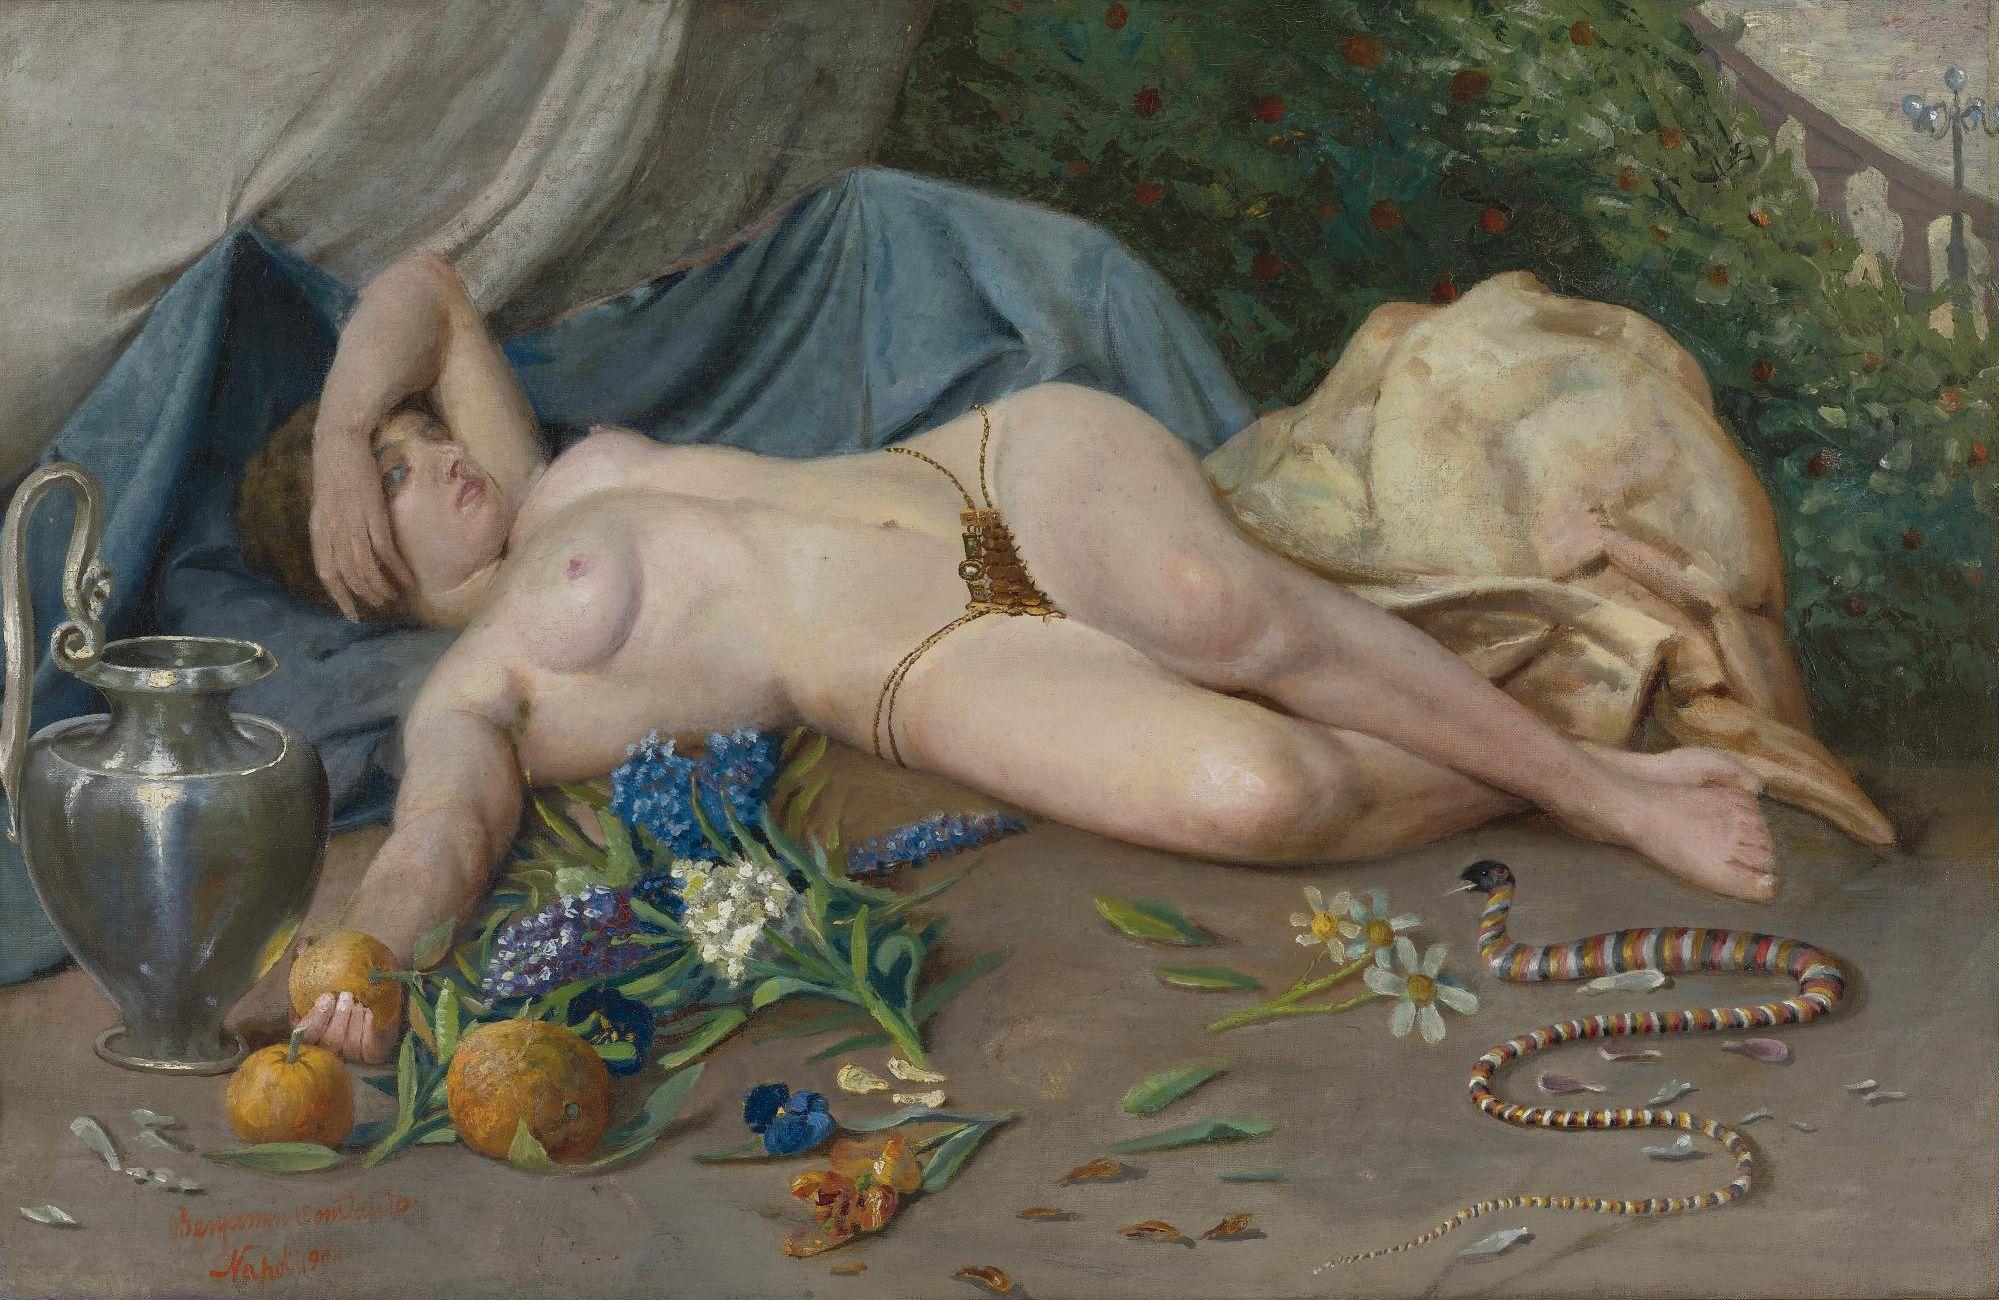 Неизвестный автор. Клеопатра. 64.5 х 100 см